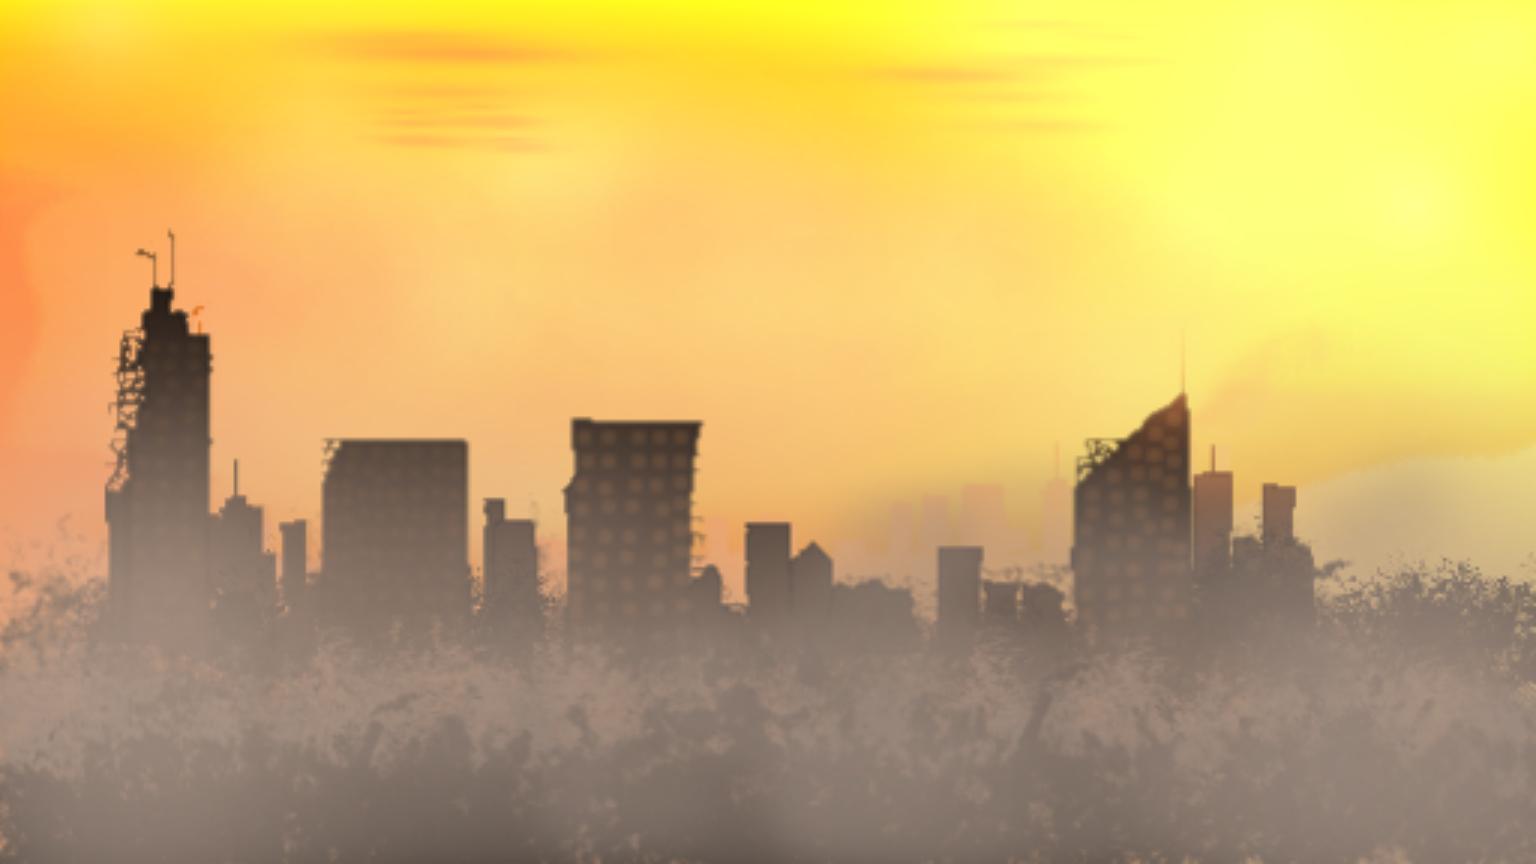 Sun Gun City Backgrounds